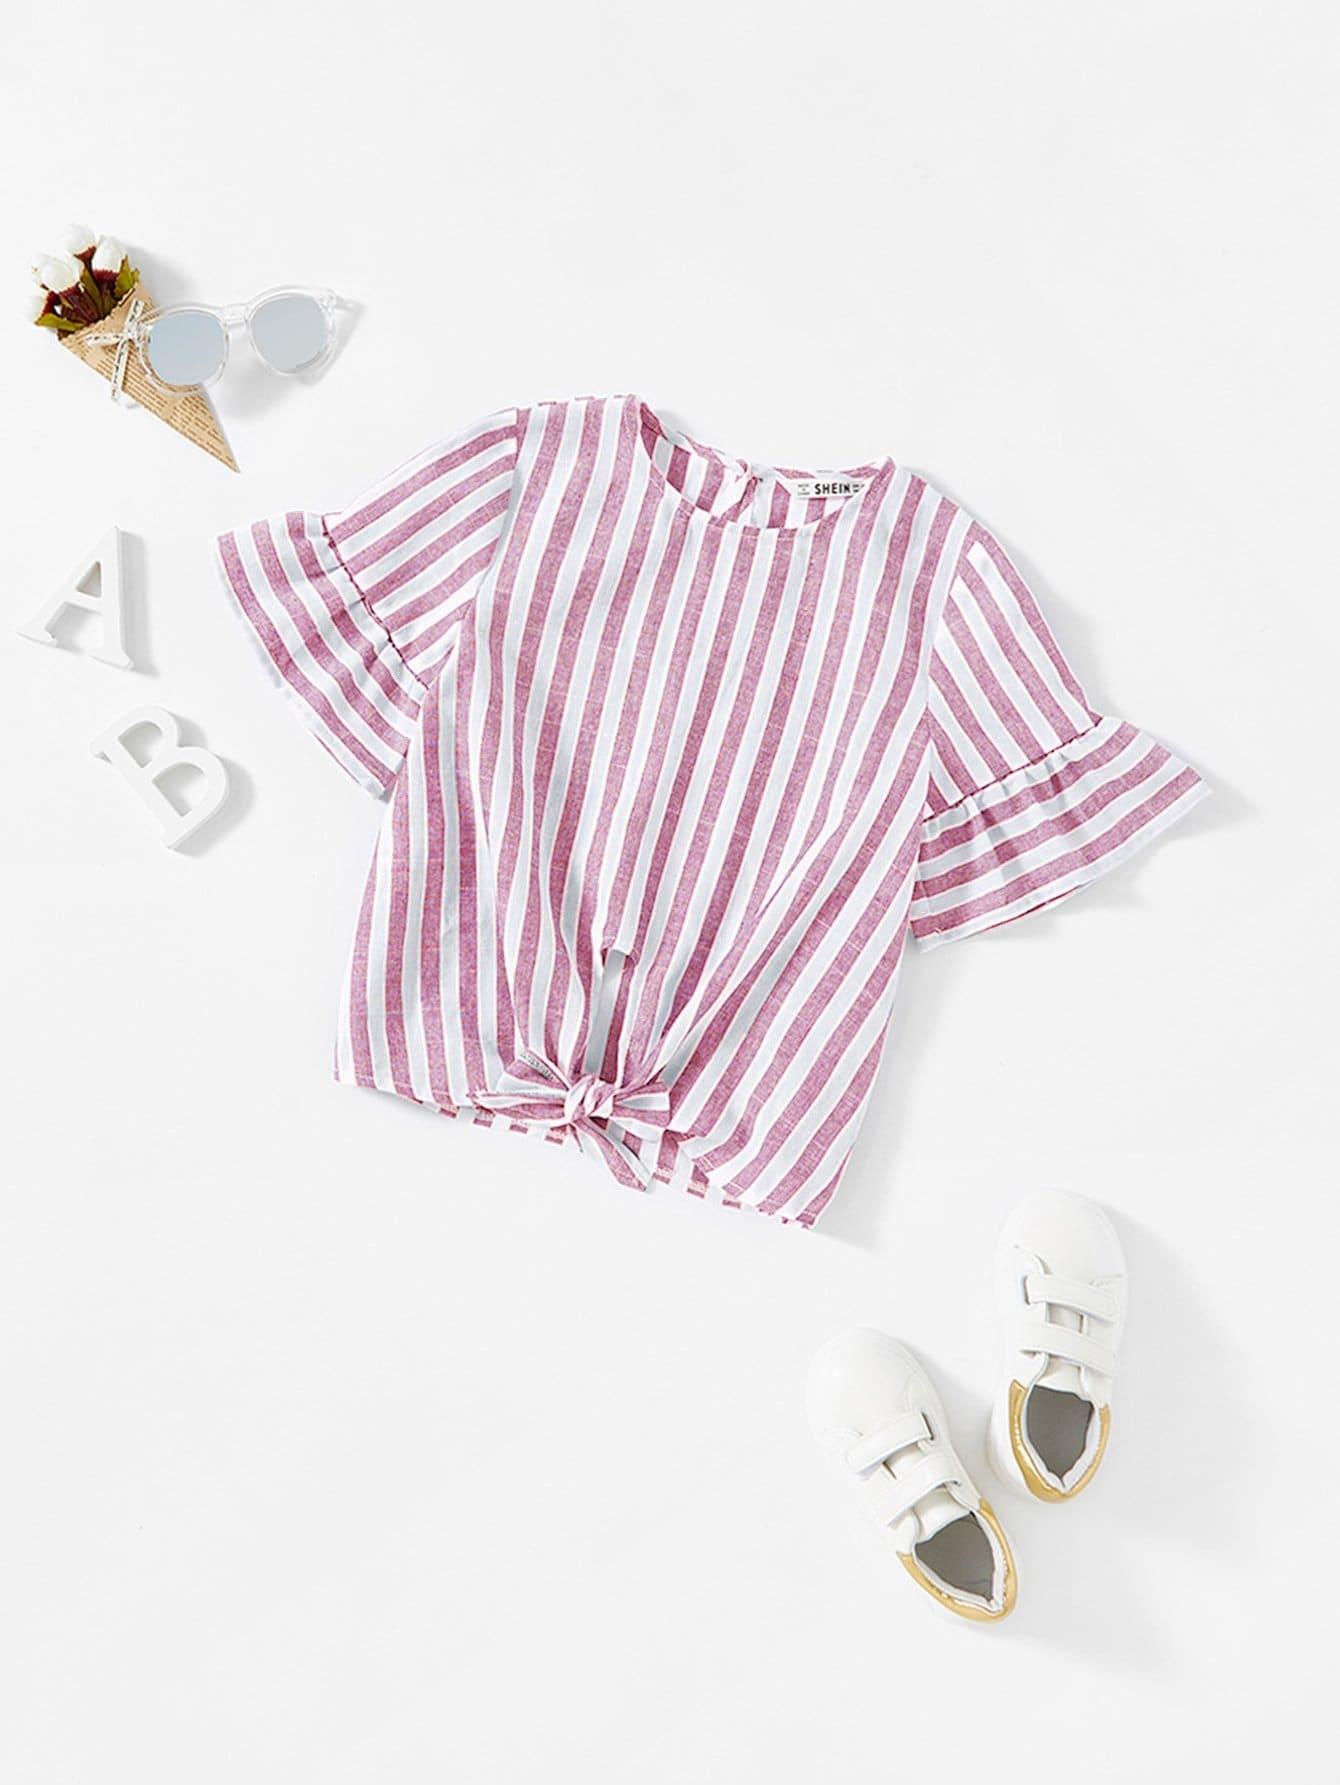 Купить Полосатая блузка и с замочной скважиной сзади одежды и рукава с розеткой и подол с банта для девочки, null, SheIn